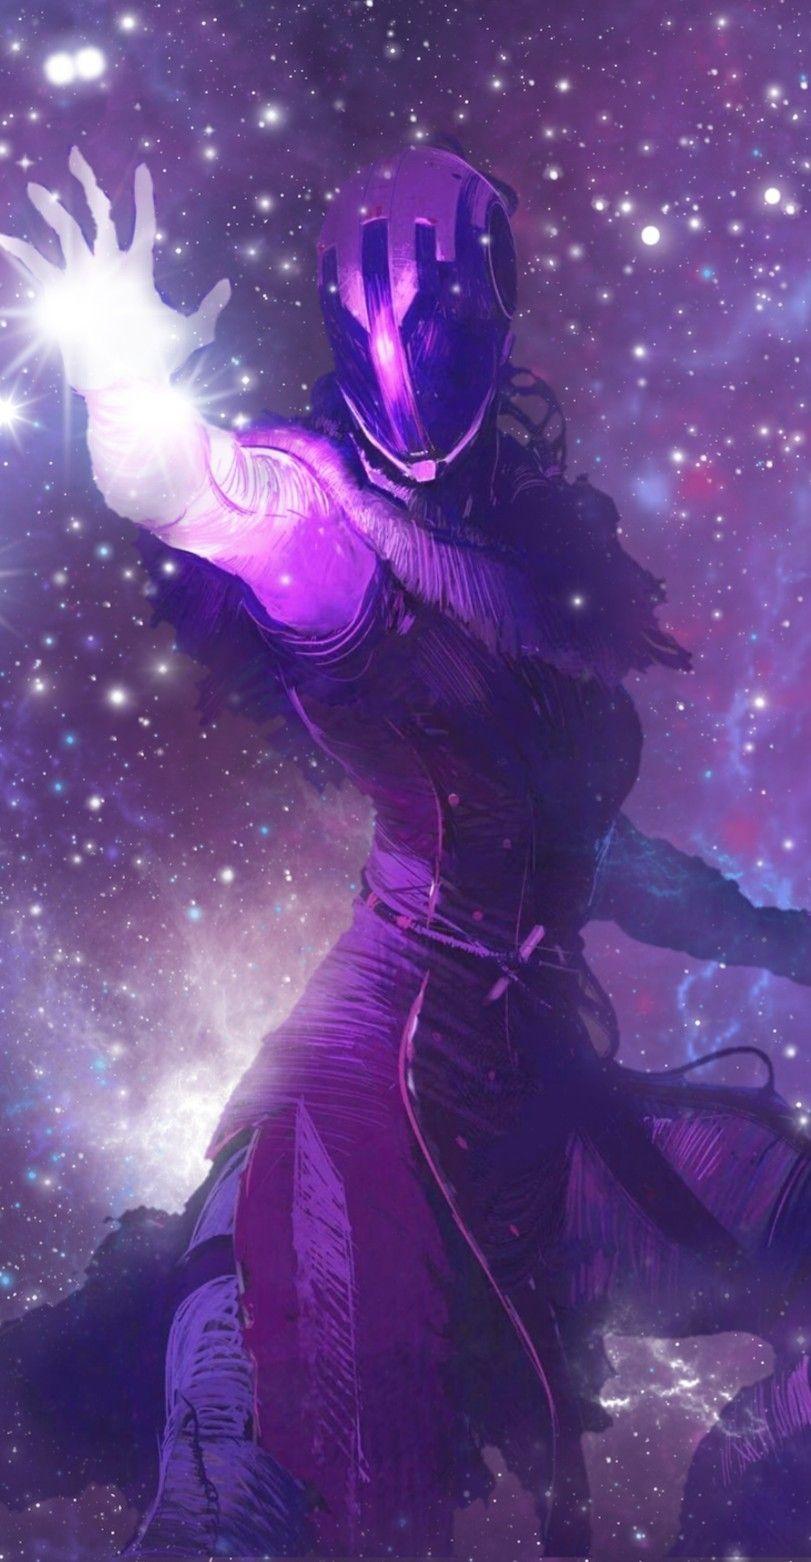 Destiny 2 Warlock Voidwalker Wallpaper Destiny Warlock Destiny